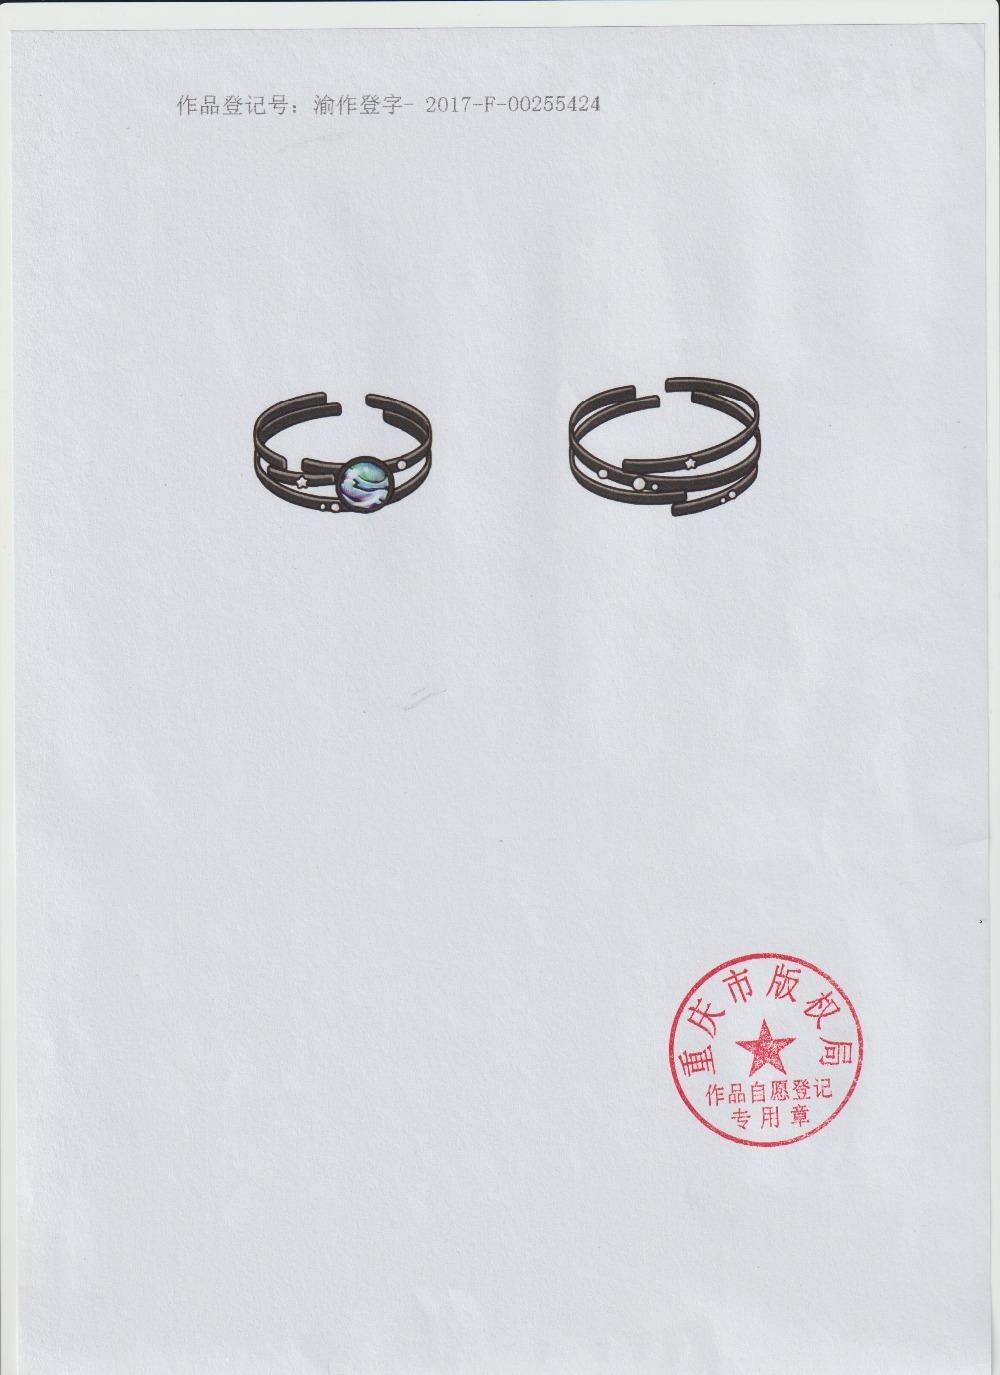 2020 Thaya 925 Sterling Silver Gemstone Ring Stars Milky